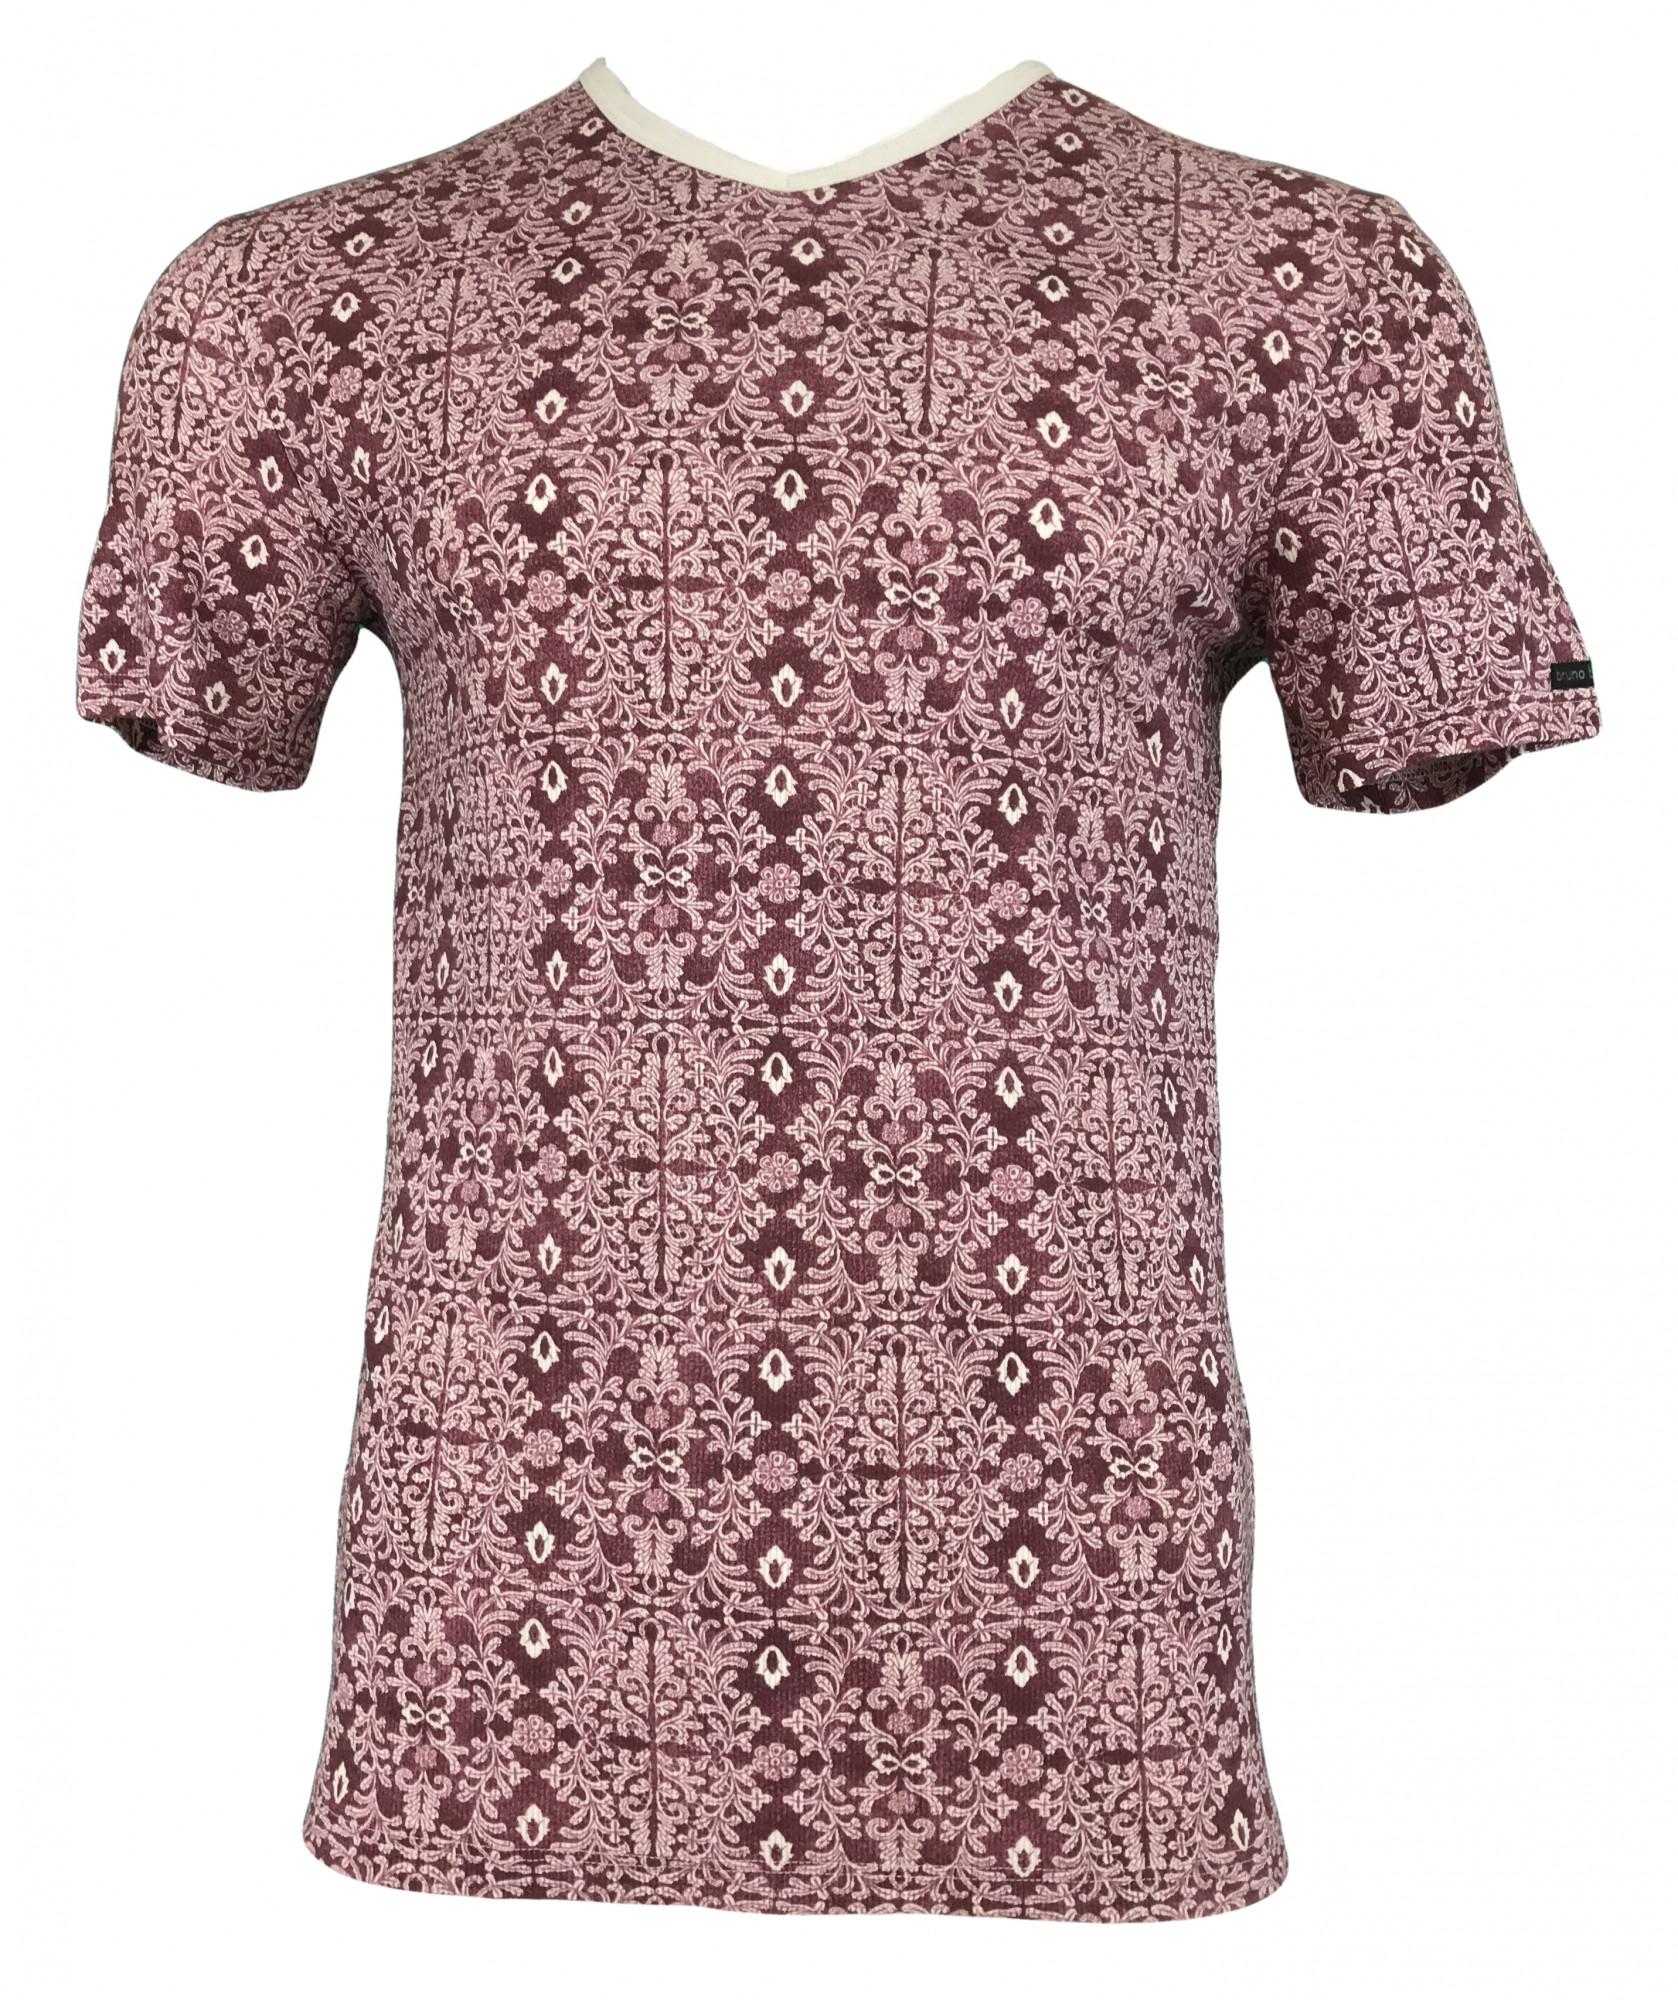 978c67e1275b Pánské tričko 2205-6420 vzorované - Bruno Banani vzor M